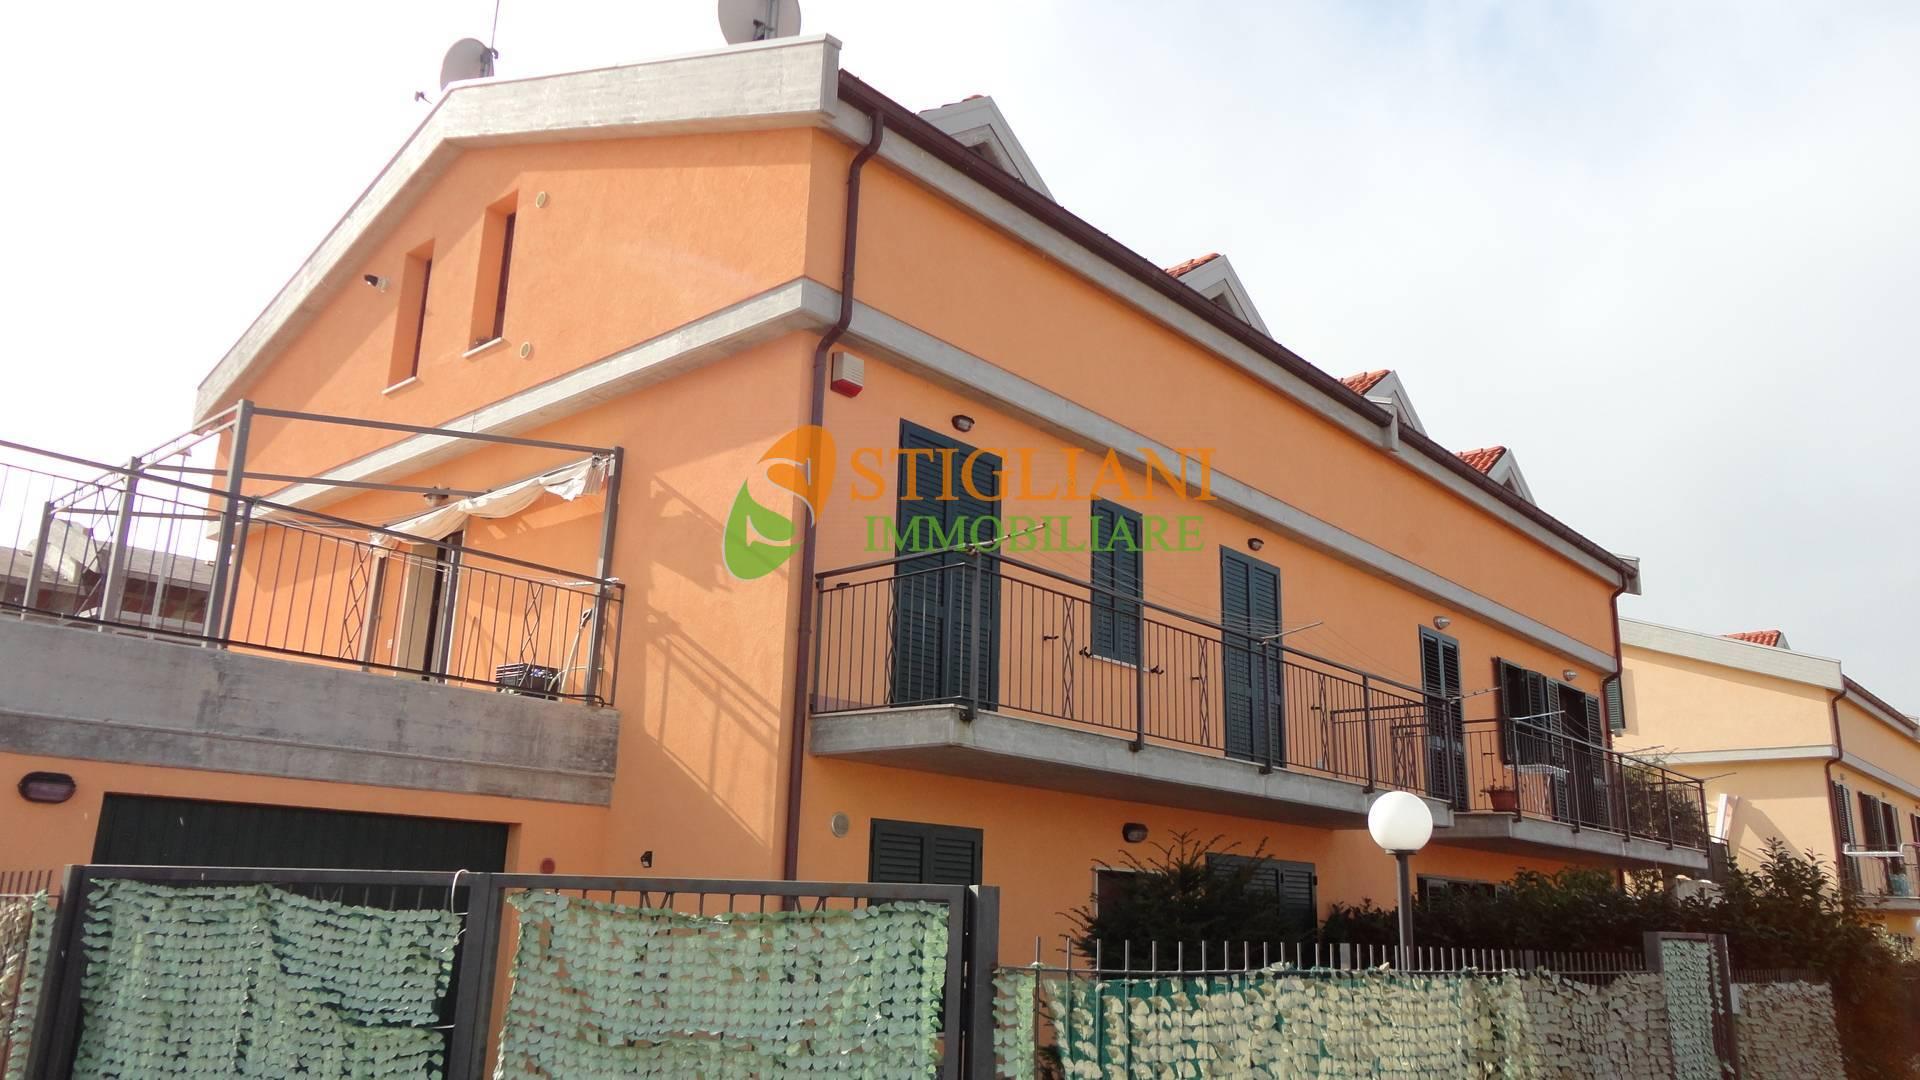 Villa Bifamiliare in vendita a Ripalimosani, 7 locali, zona Località: ContradaIontapede, prezzo € 240.000 | CambioCasa.it